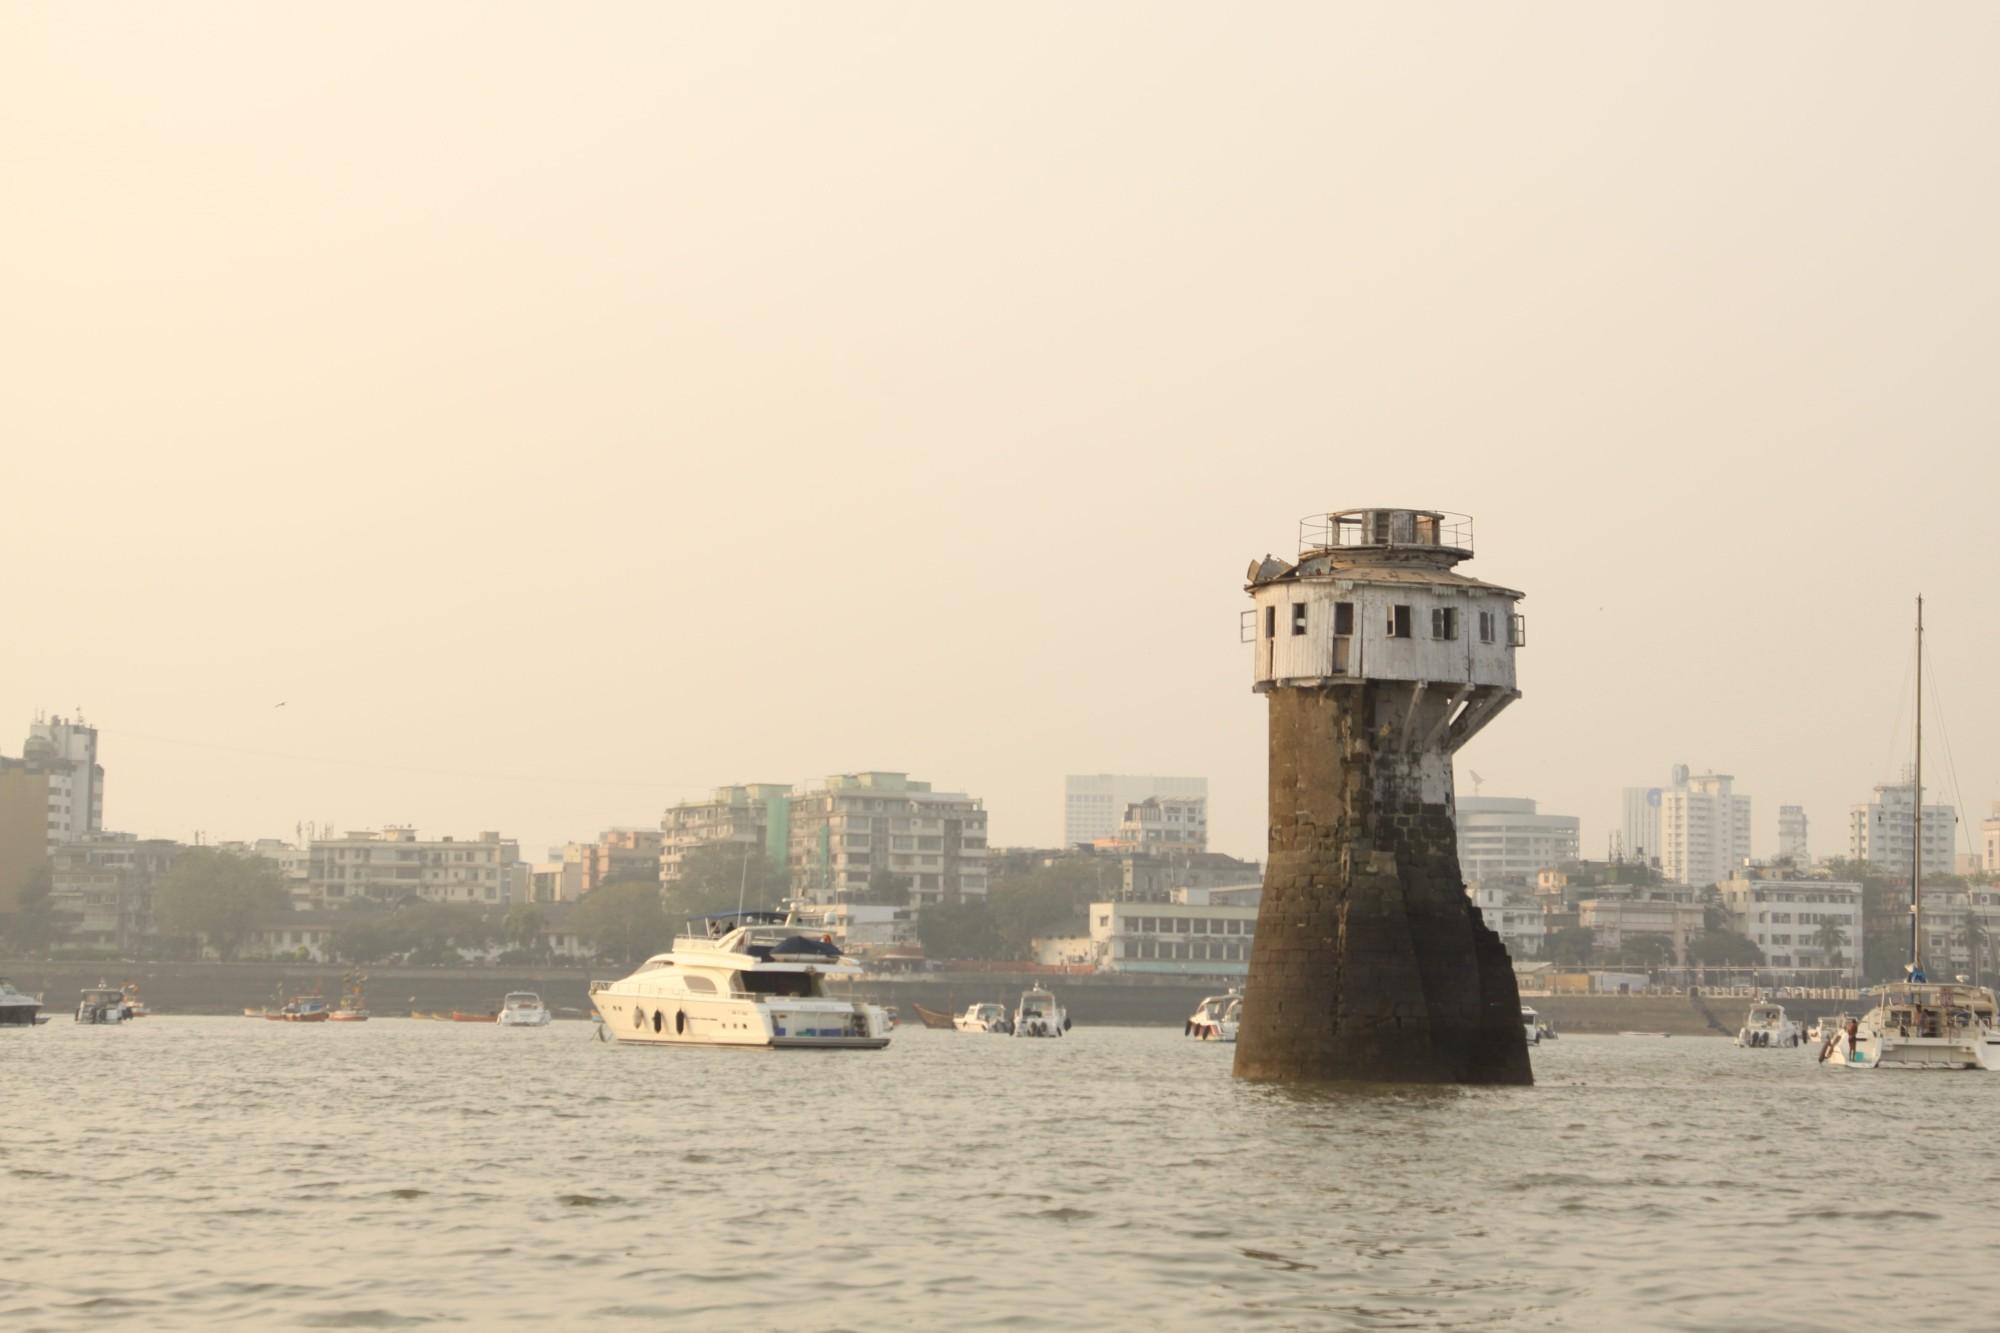 Sailing in Mumbai - a lighthouse on the Mumbai Harbour